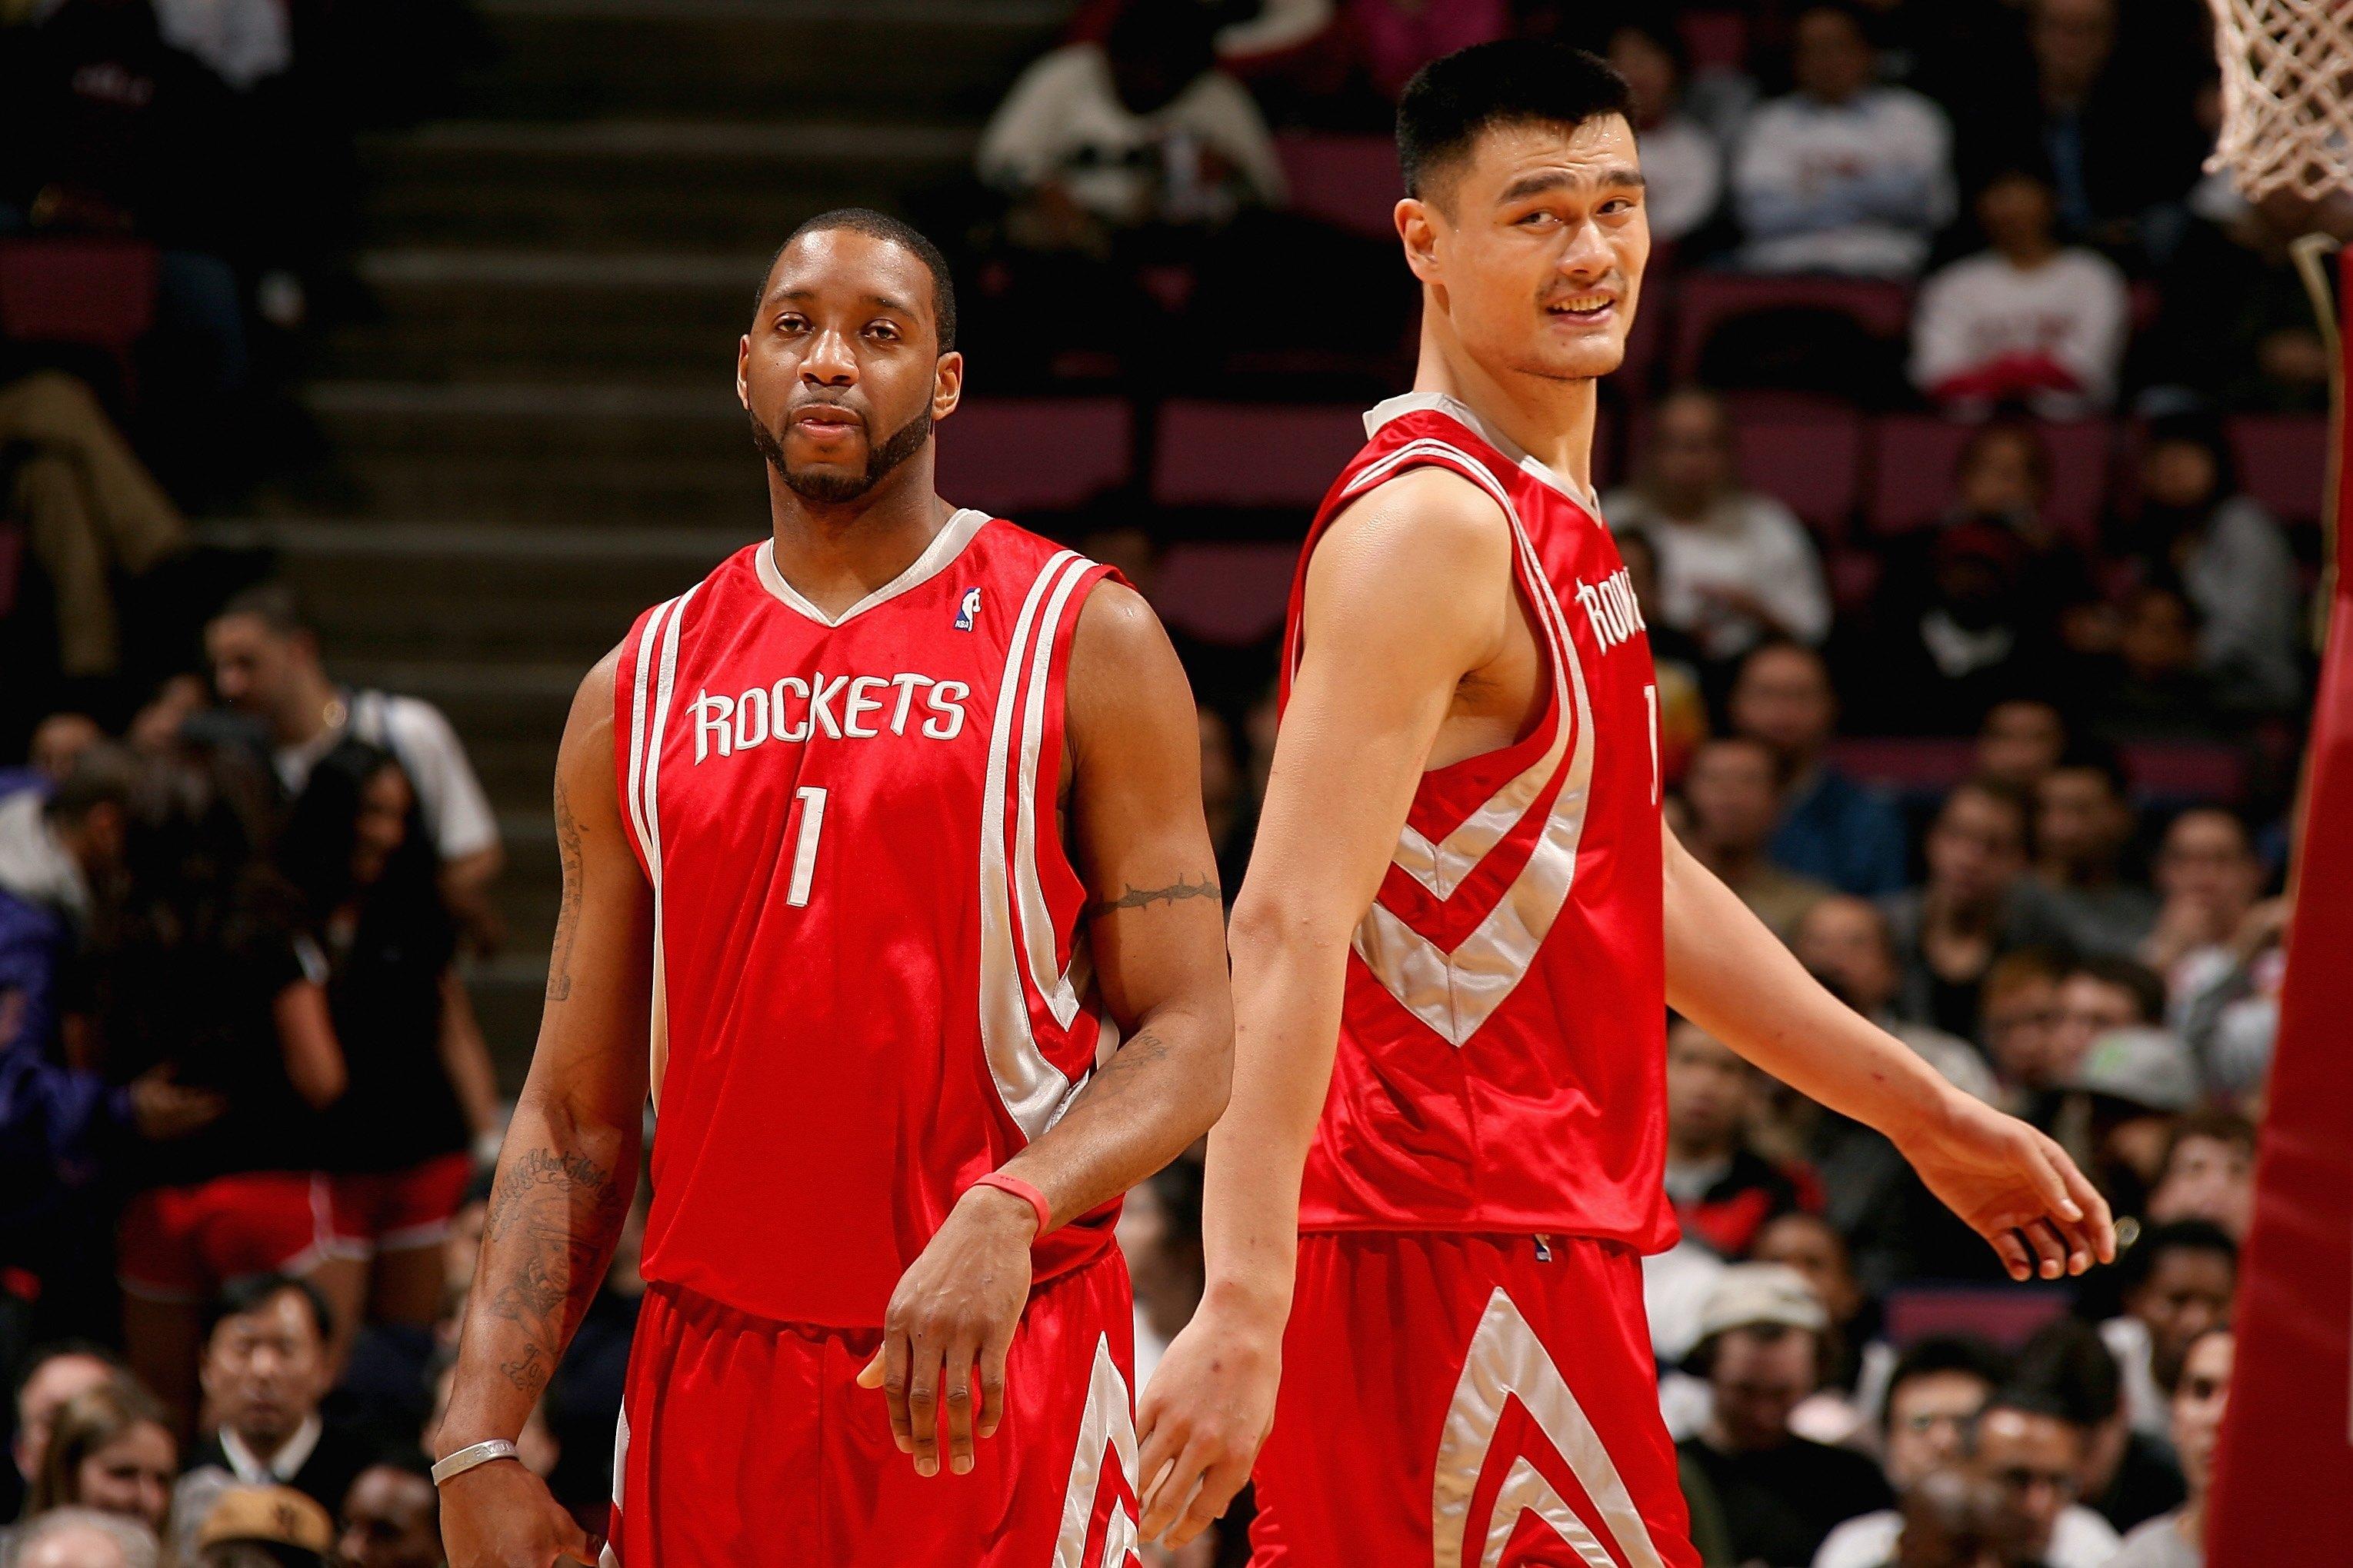 巔峰姚明和T-mac只能進三陣!2008年的NBA最佳陣容屬於什麼水平?